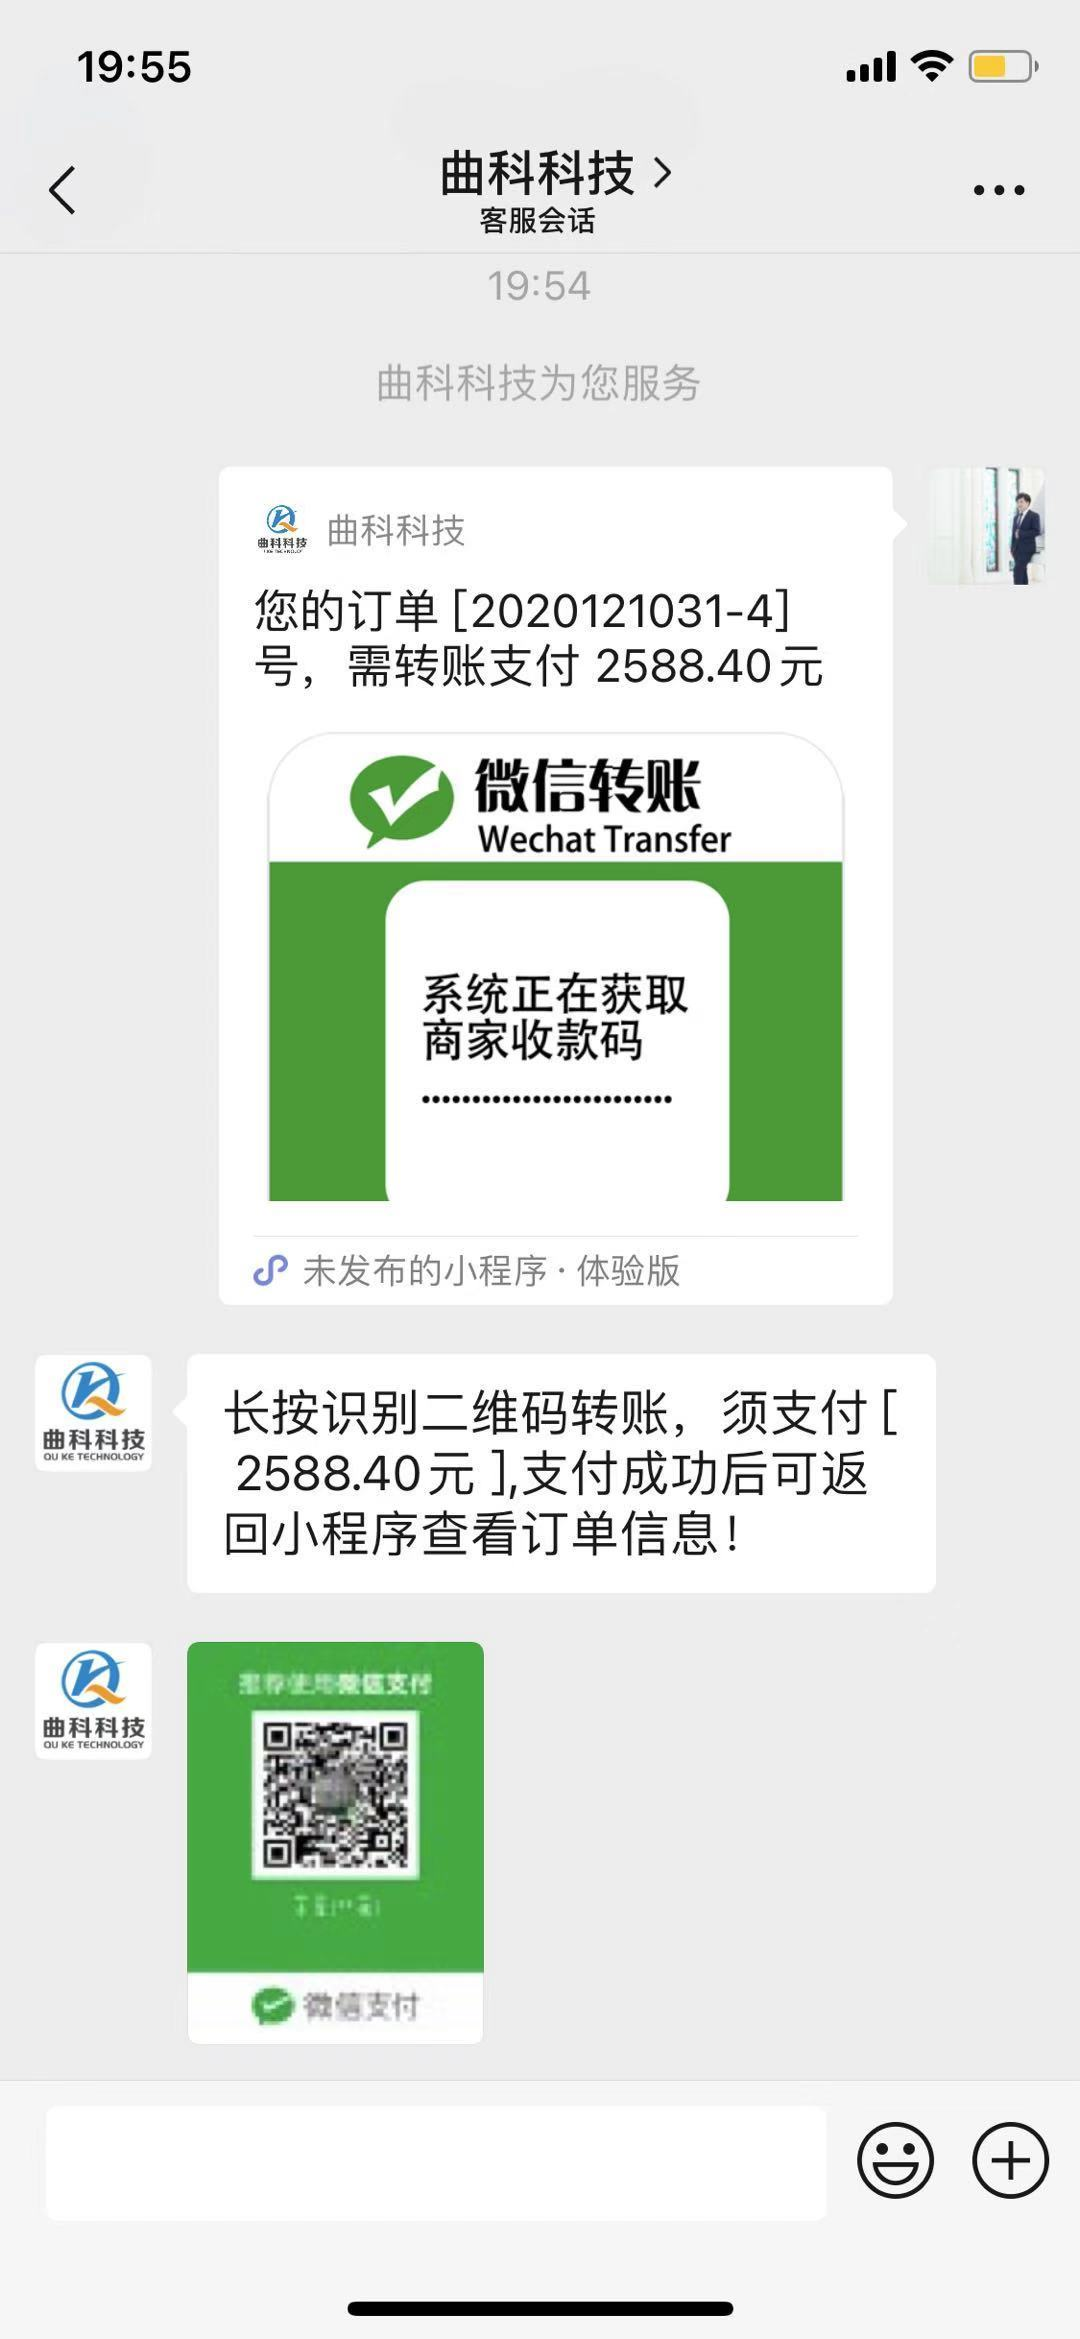 用户长按识别微信收款码进行微信转账